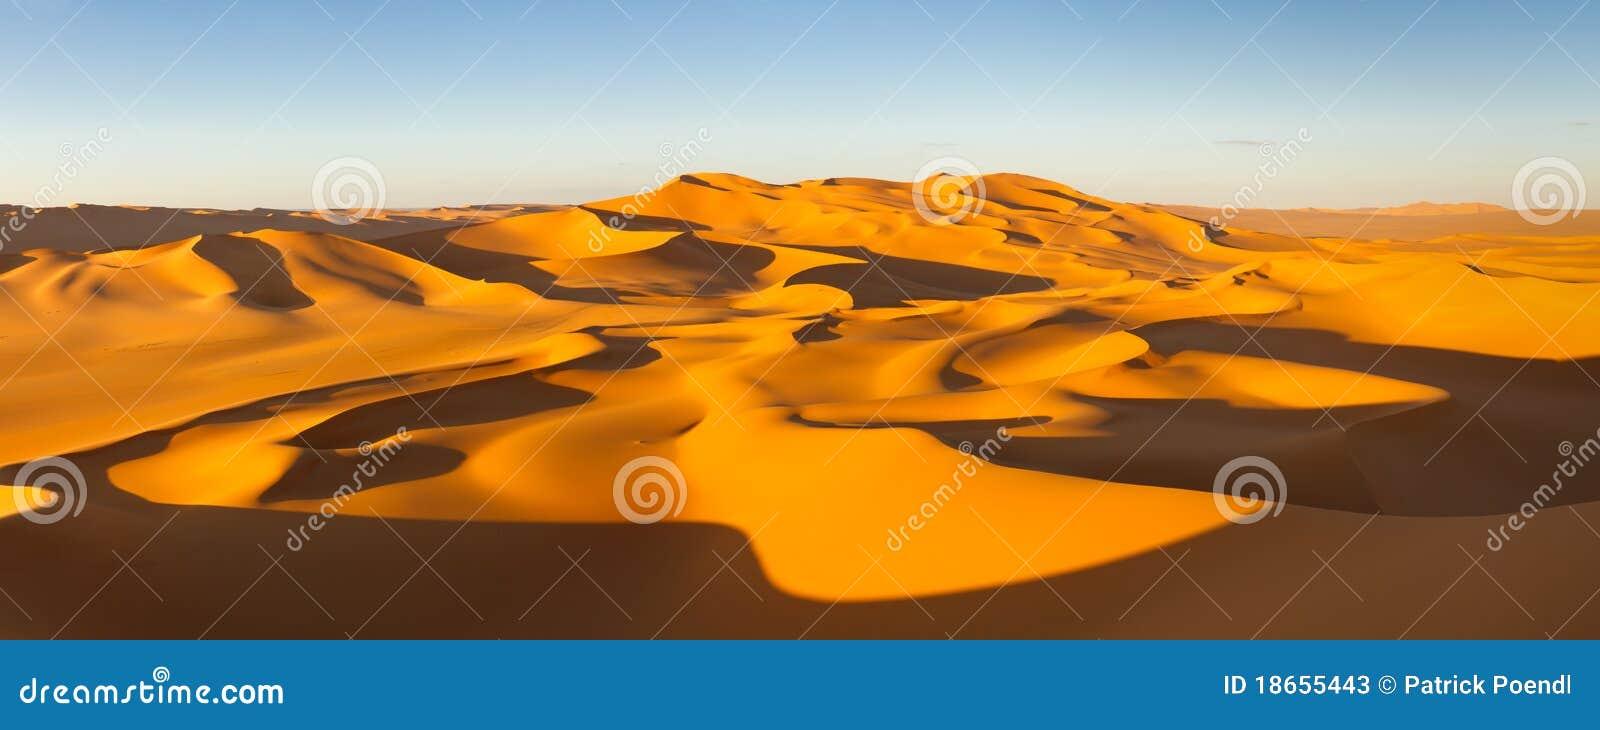 Het Panorama van de woestijn - de Duinen van het Zand - de Sahara, Libië